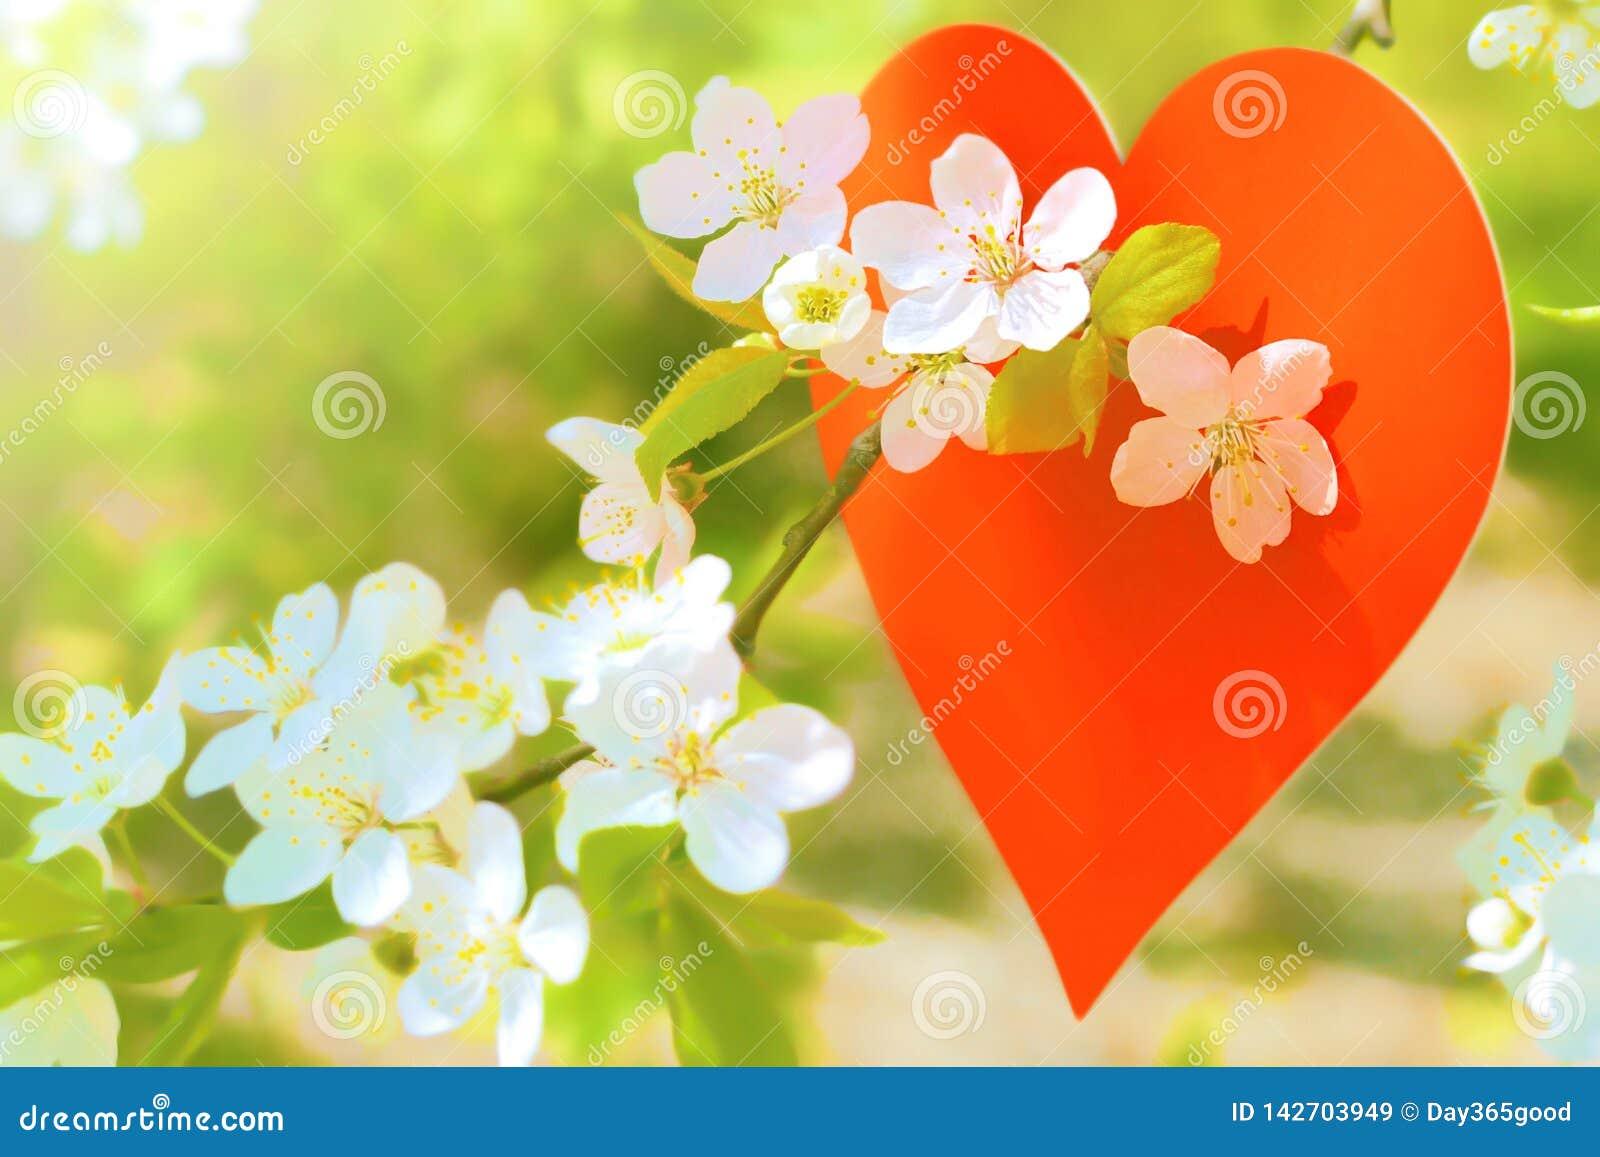 Любовь, зацветая сад, весна, красное сердце Ветвь цветя сада сливы весной